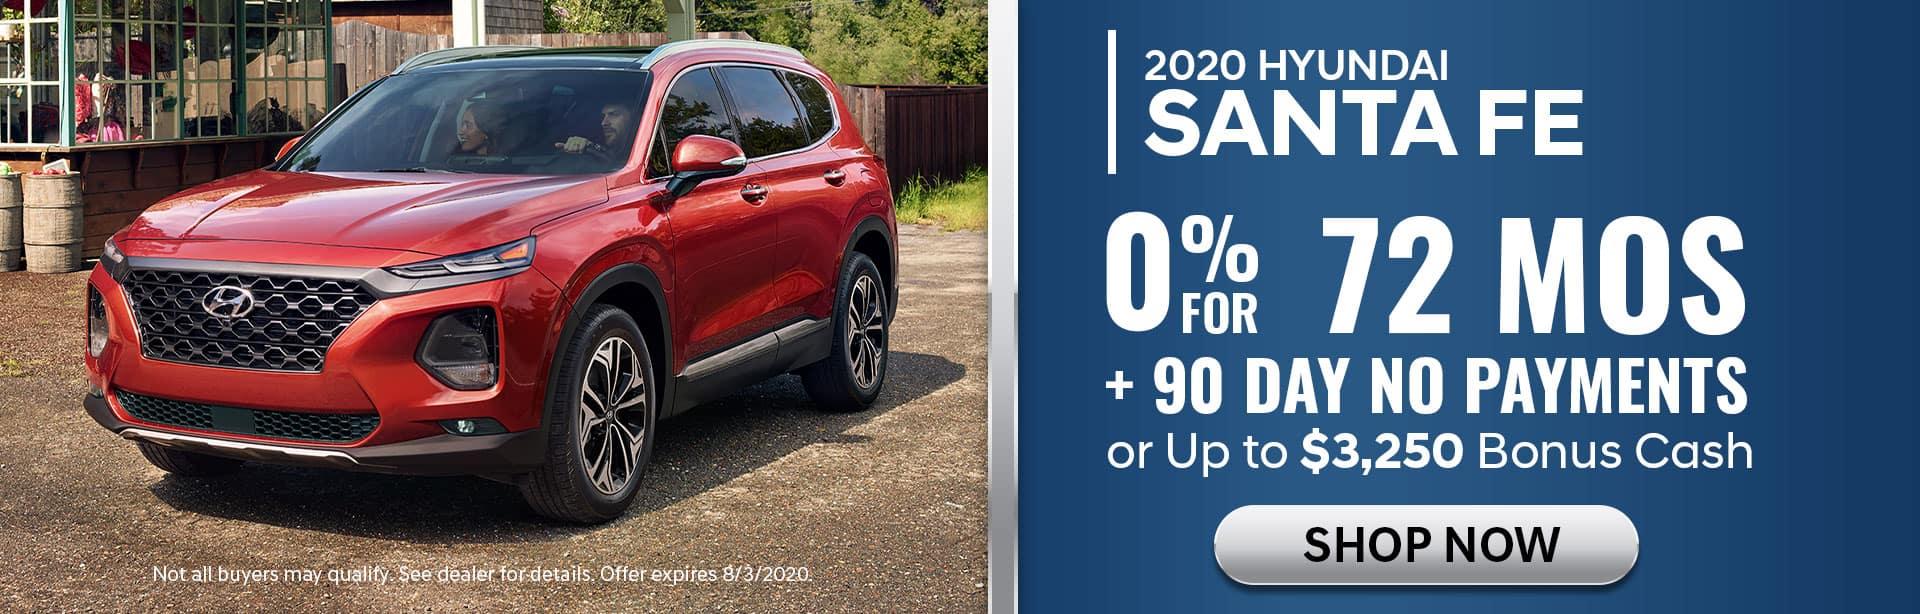 0% APR for 72 mos on 2020 Santa Fe